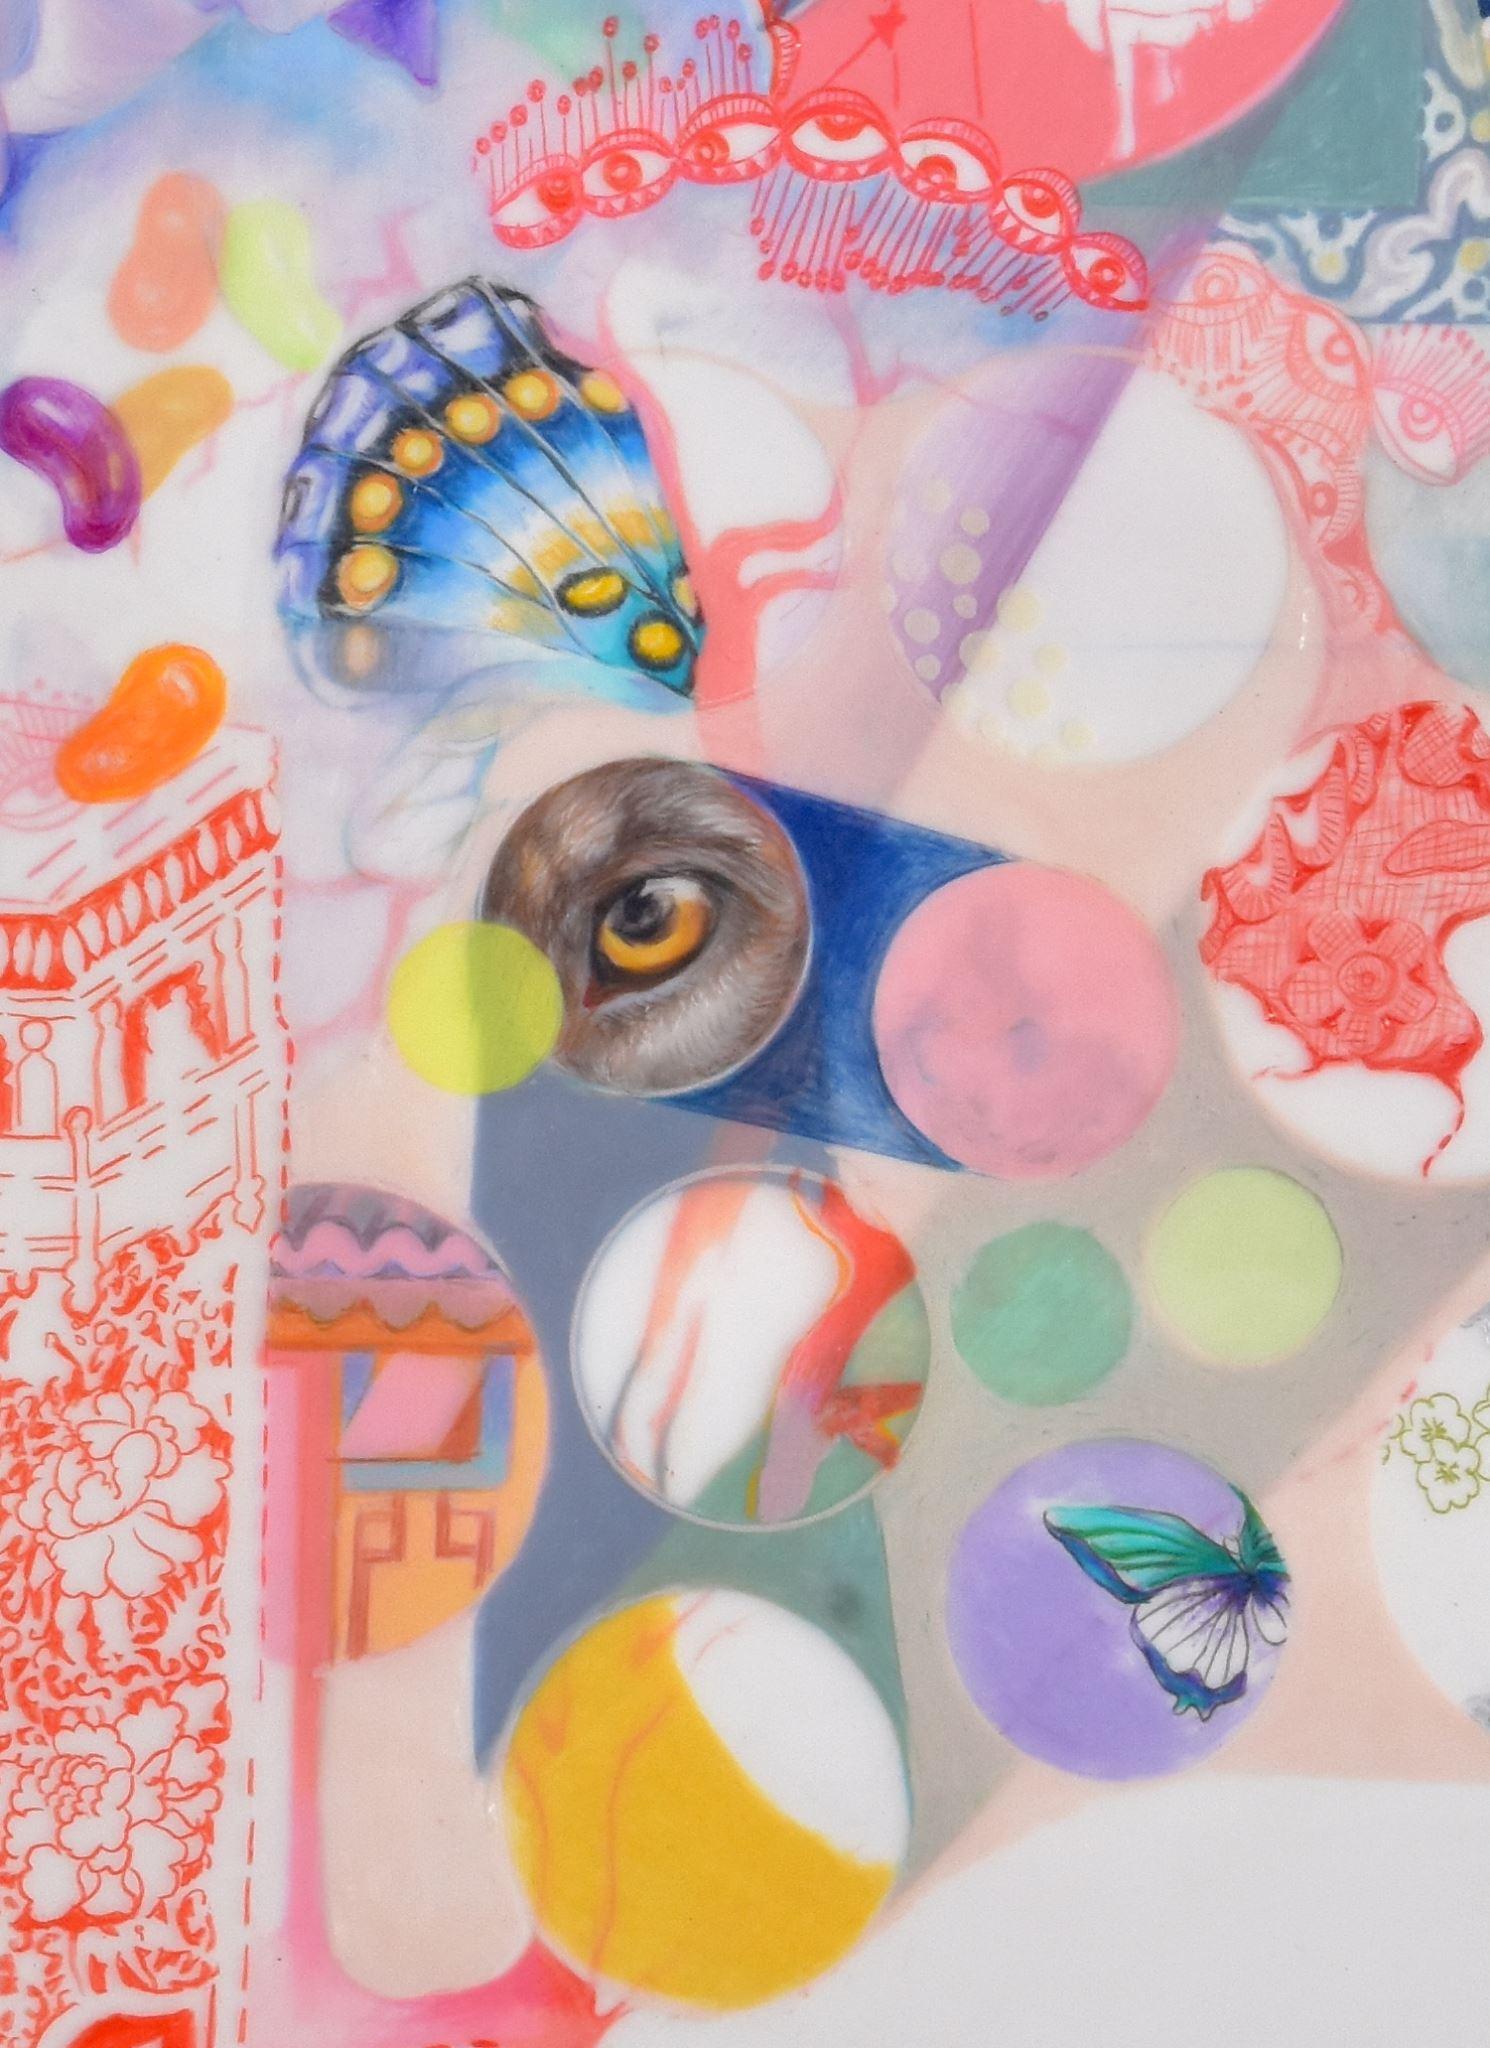 artwork by Luzhen Qiu